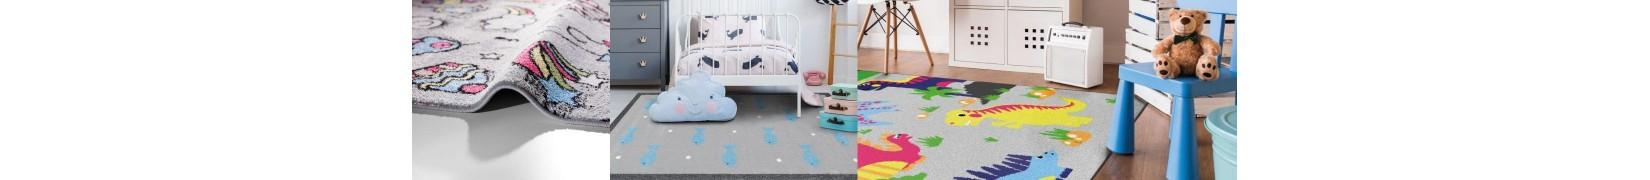 Ciekawe wzory, kolorystyka dywany dziecięce CANDY